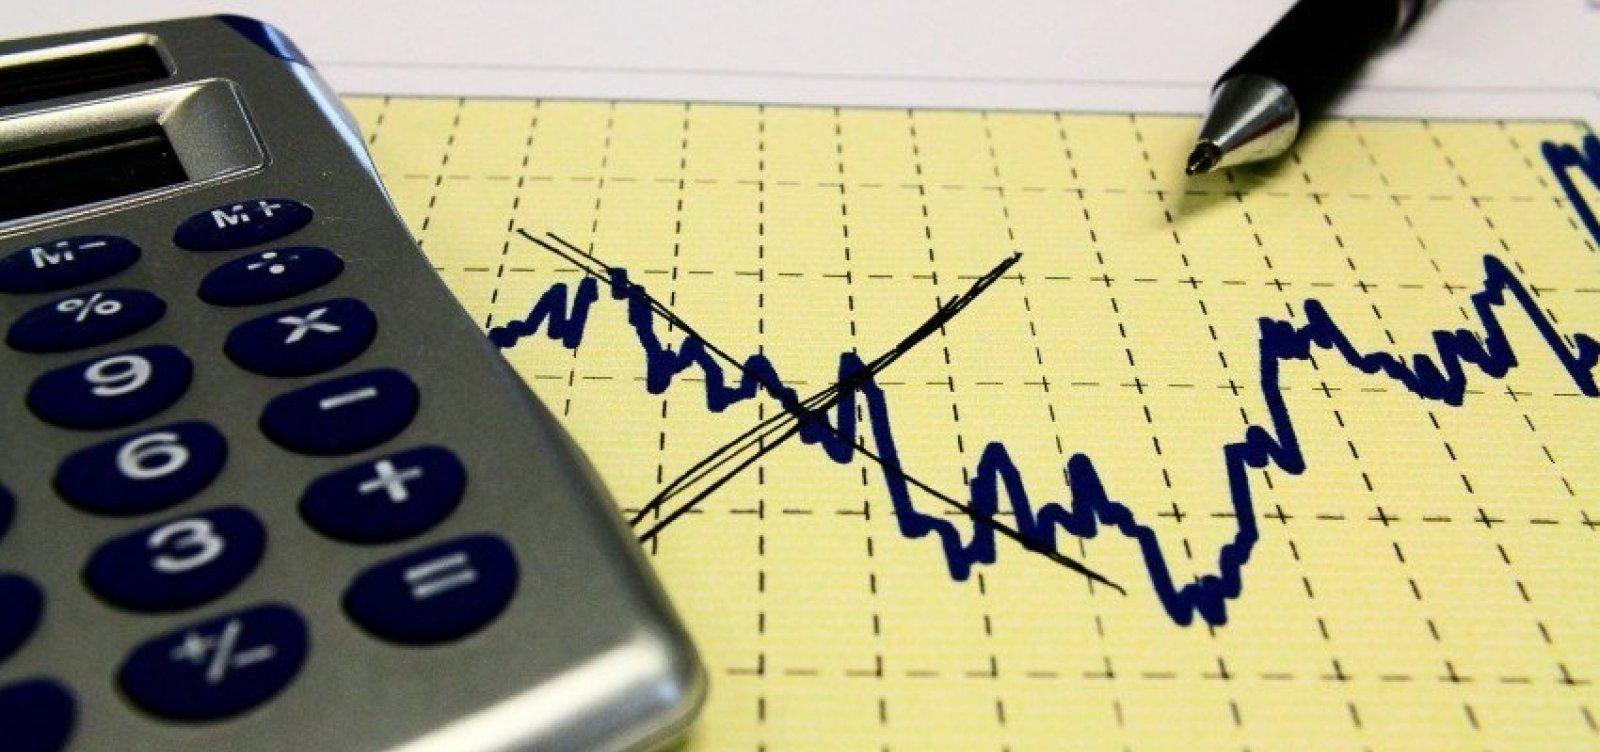 Inflação oficial desacelera para 0,25% em janeiro, menor taxa desde agosto